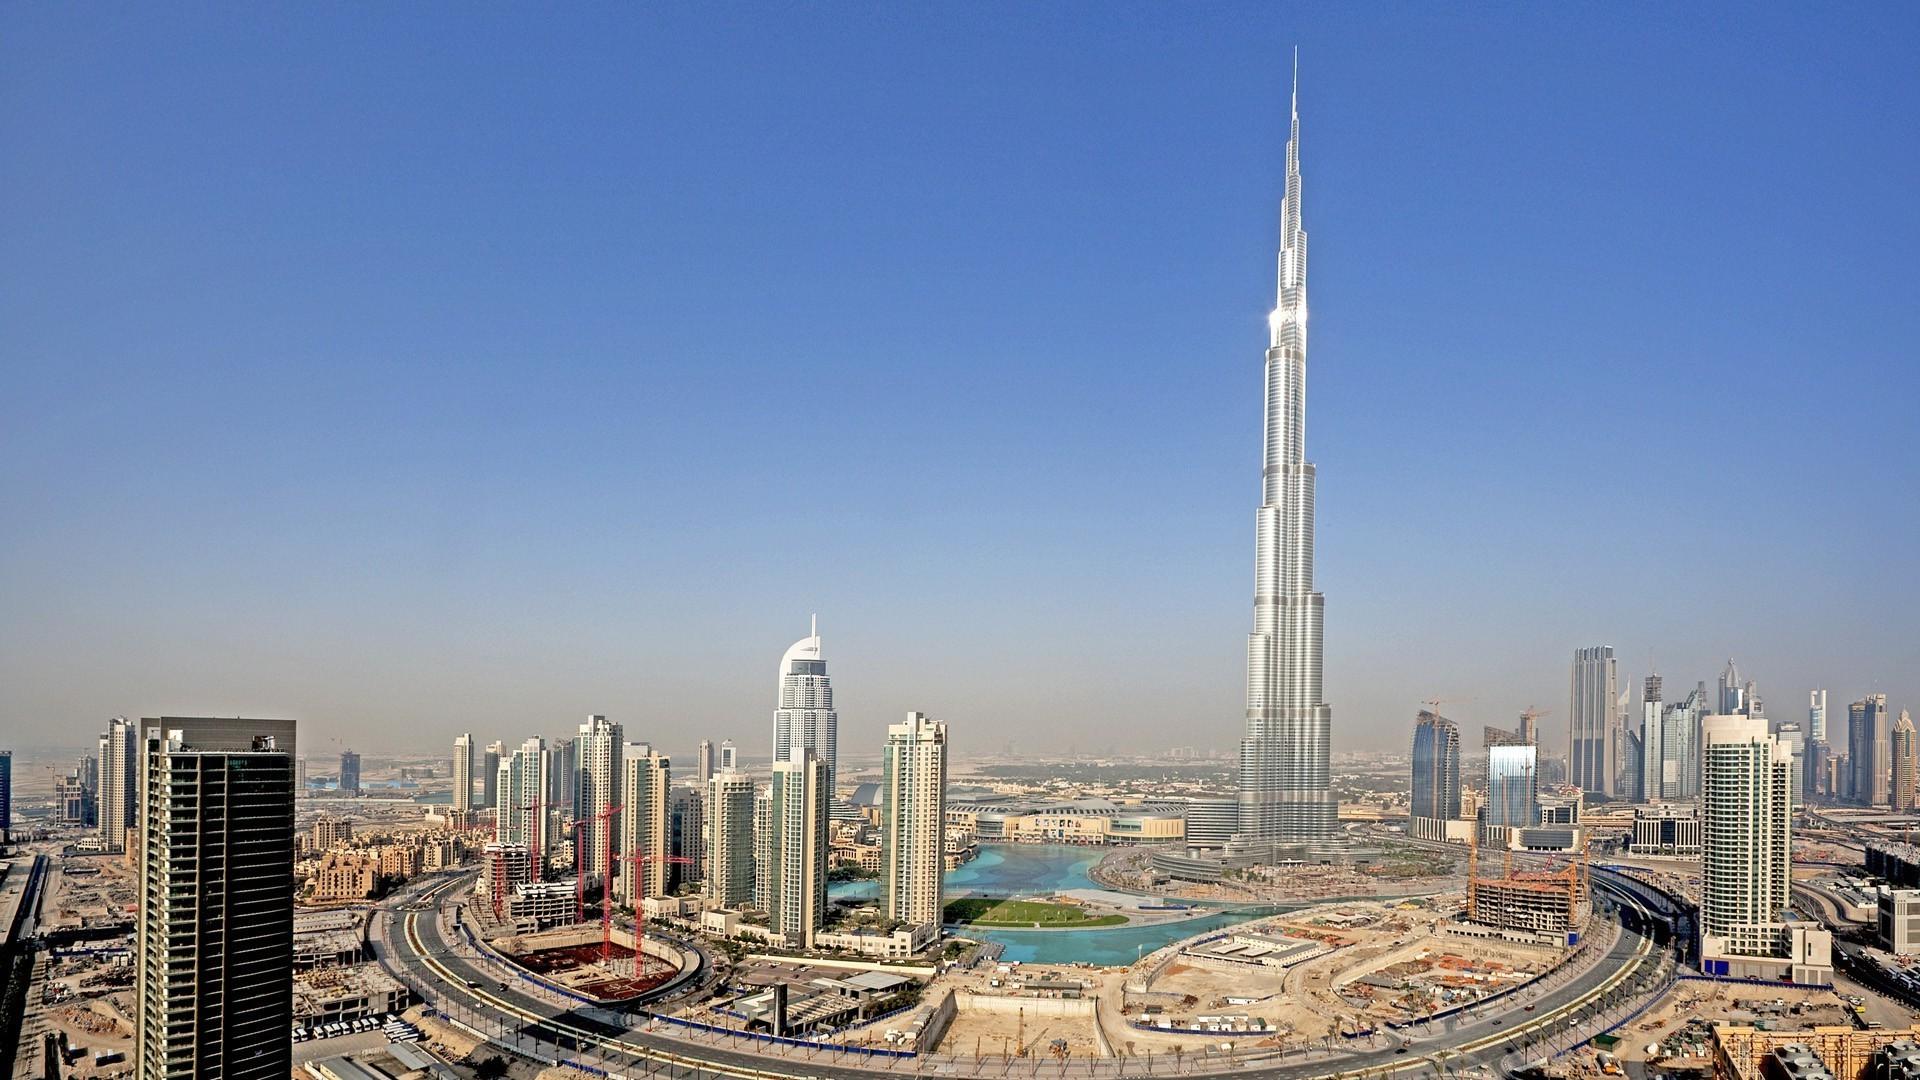 Дубай: картинки и фотографии торговый центр дубая, скачать 61